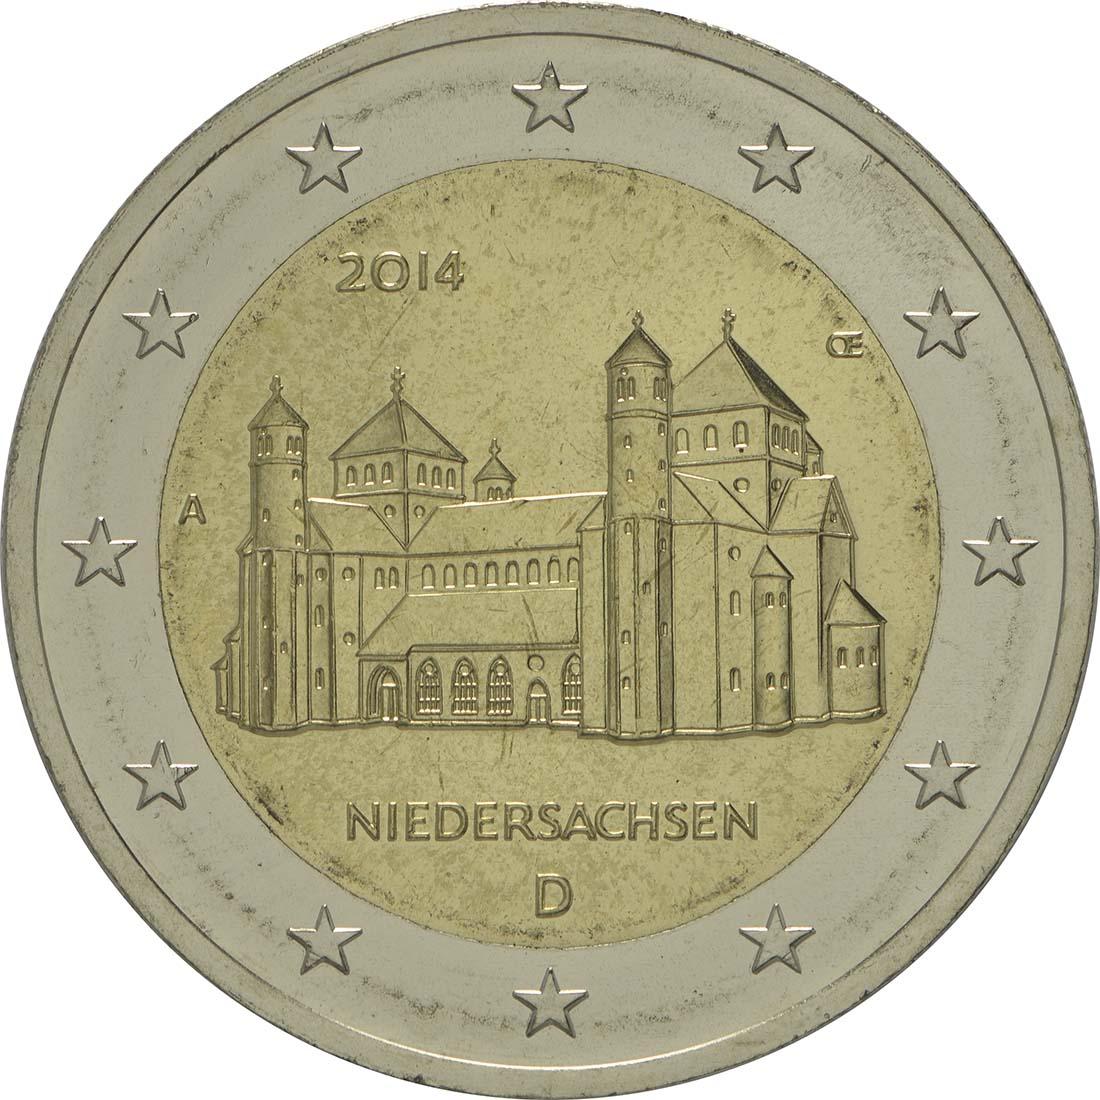 2014 159 Deutschland Niedersachsen A.jpg